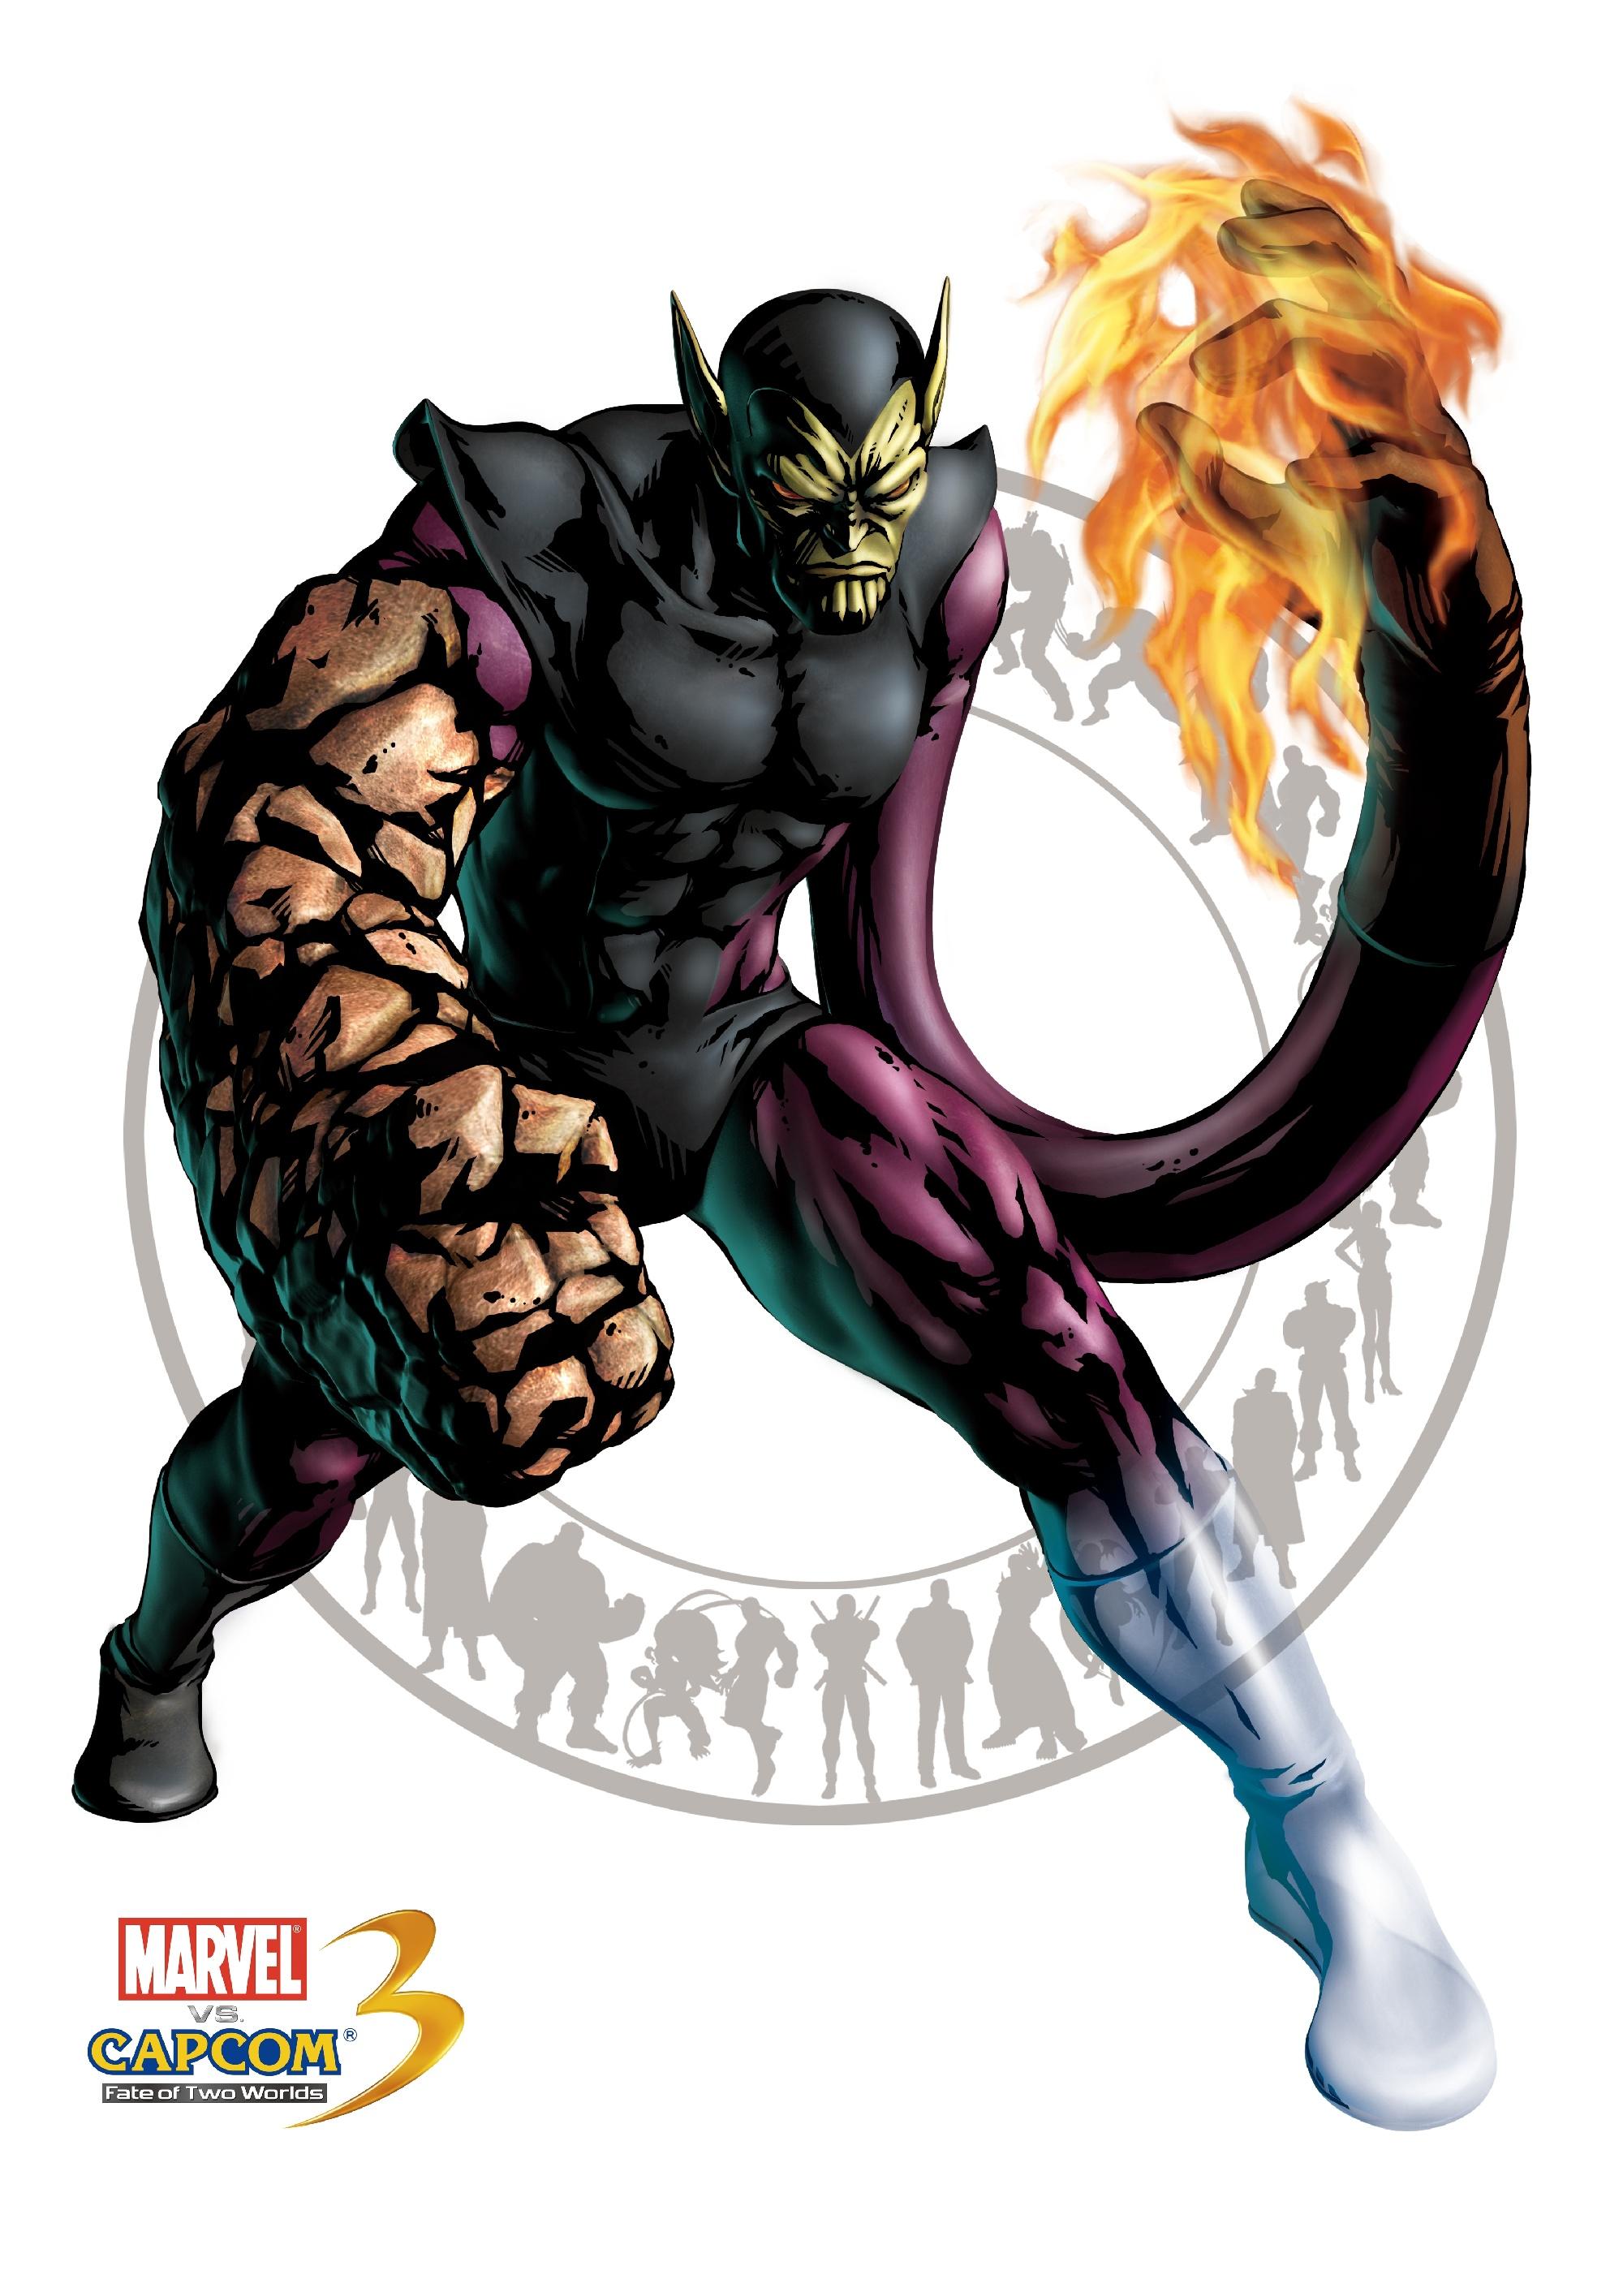 Супер-Скрулл - Marvel vs. Capcom 3: Fate of Two Worlds Арт, Персонаж